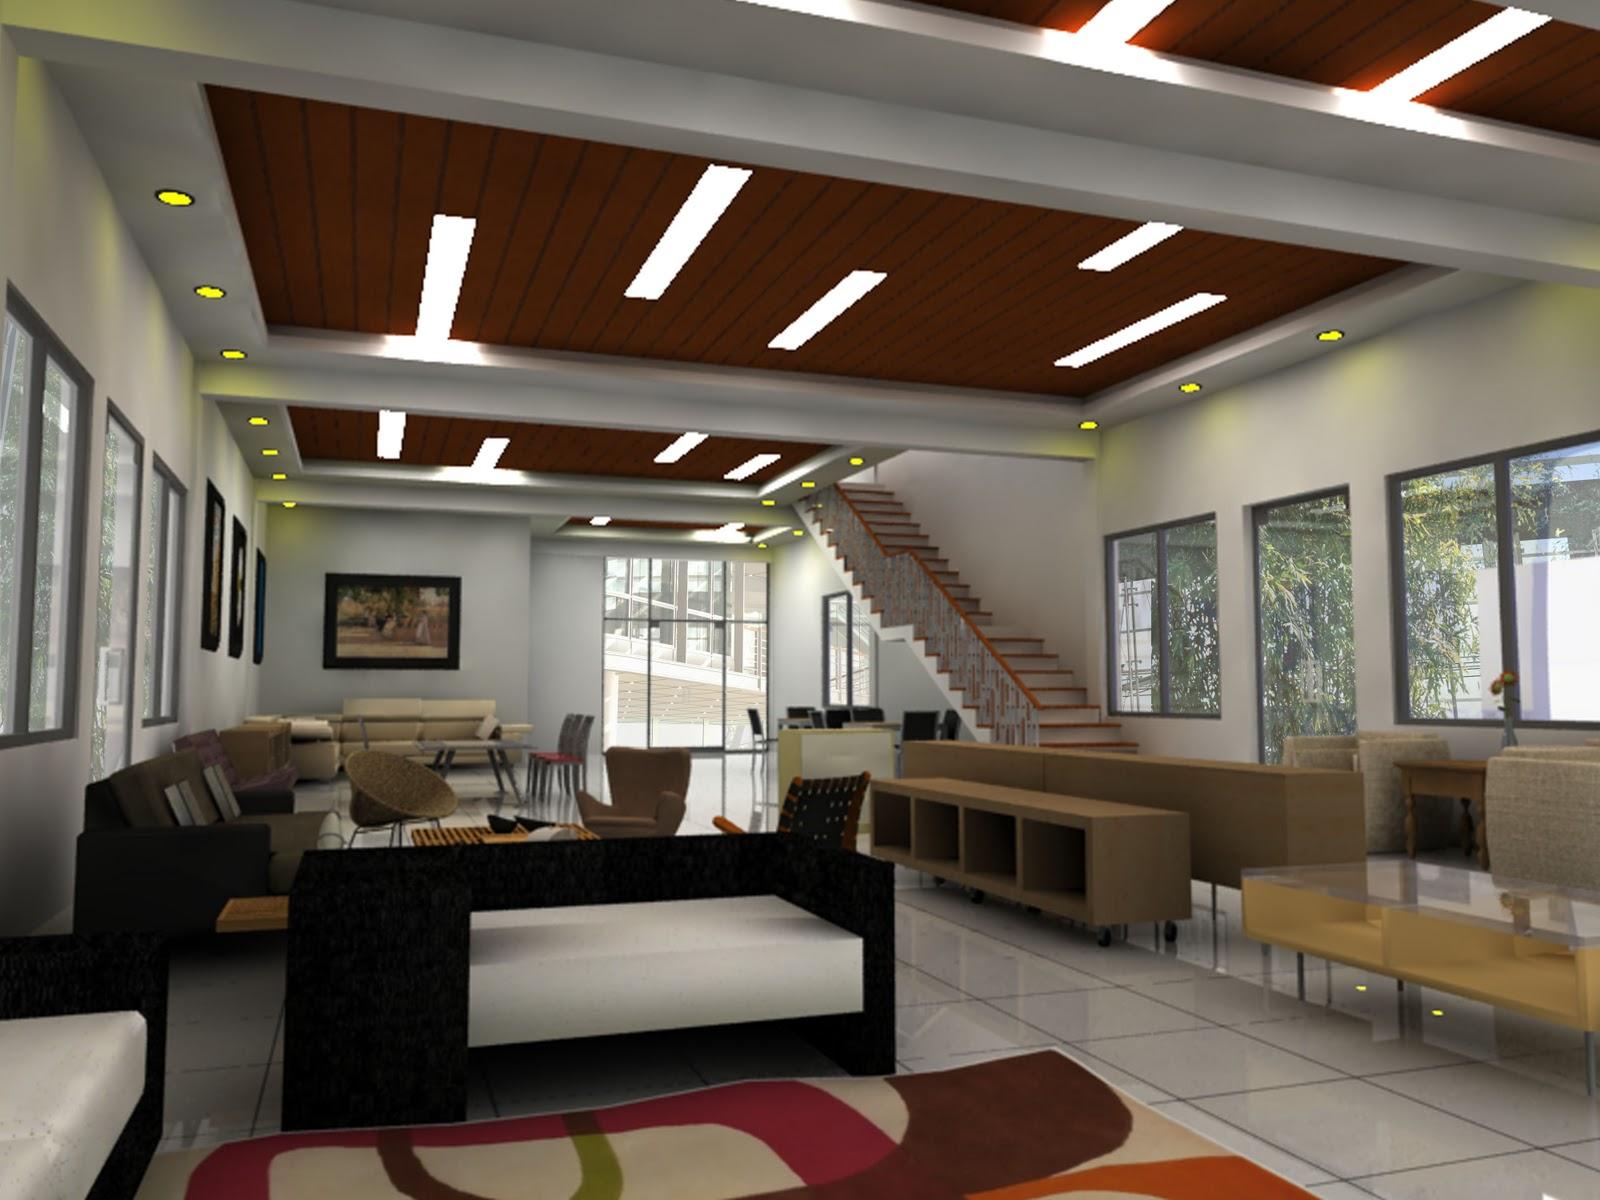 Beberapa Contoh Desain Ruang Tamu Ukuran 3x3 Terbaru